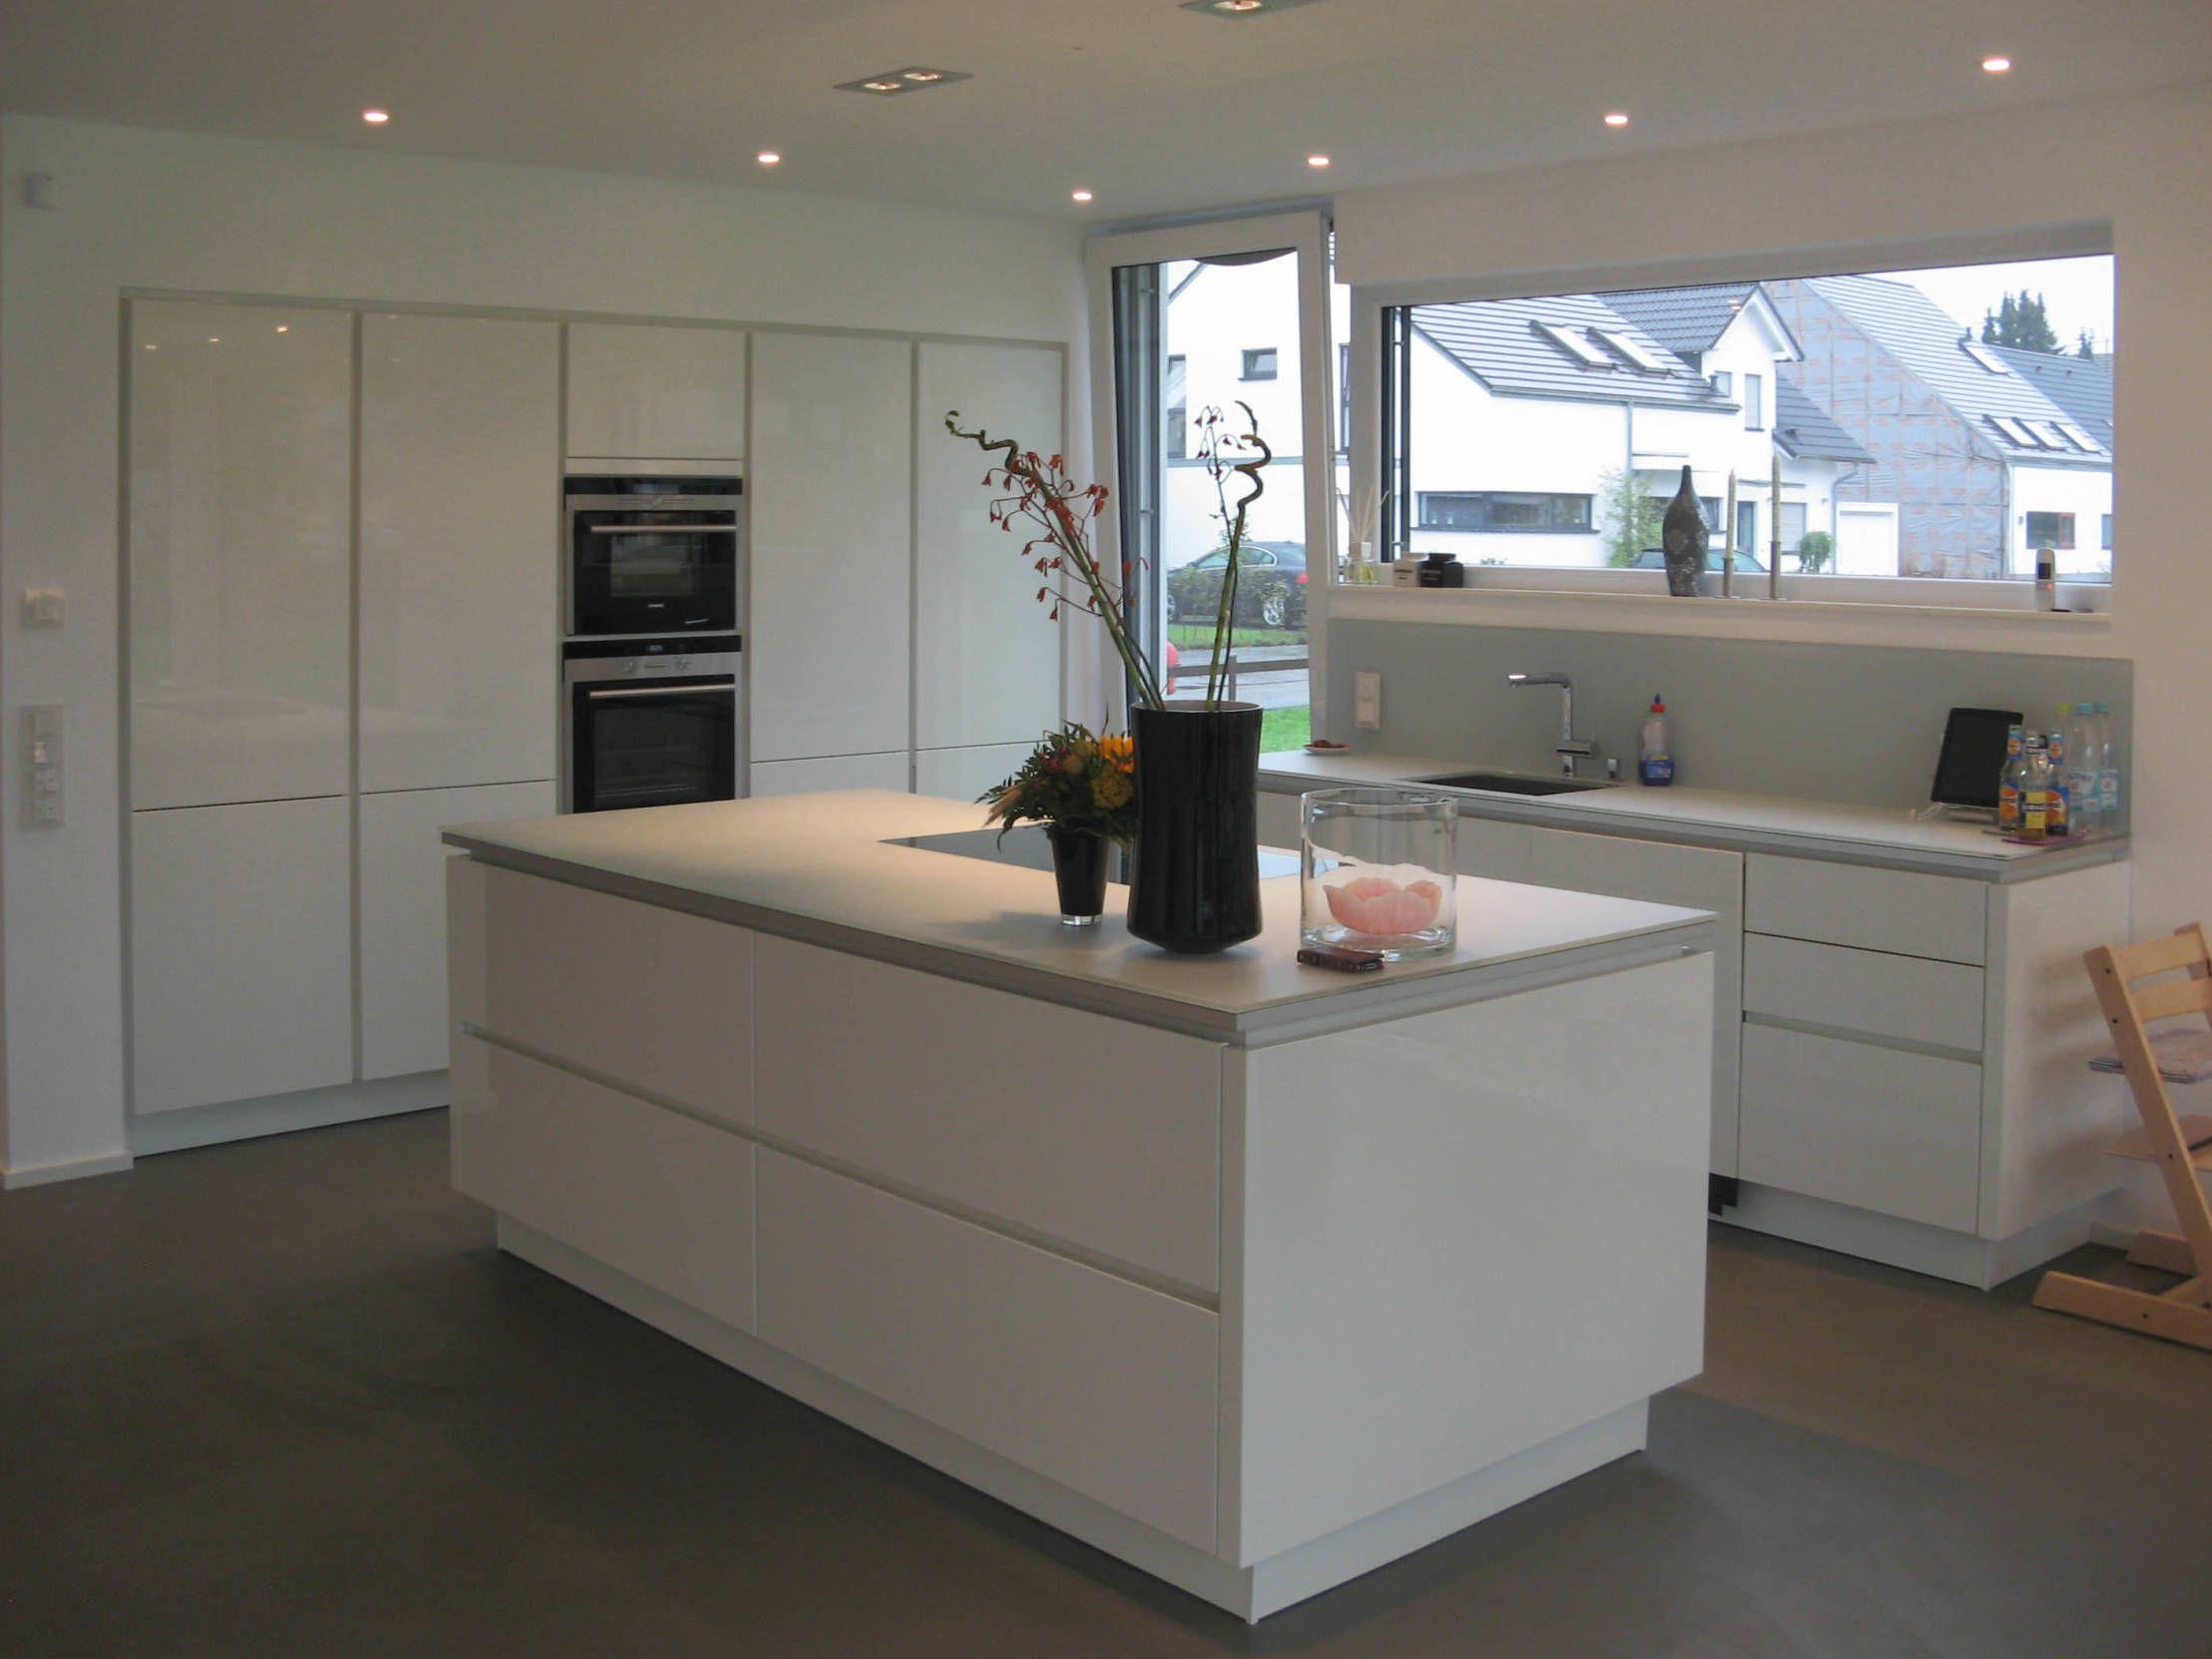 Kleines Haus mit ganz viel Platz | Küche, Moderne küche und Wohnen